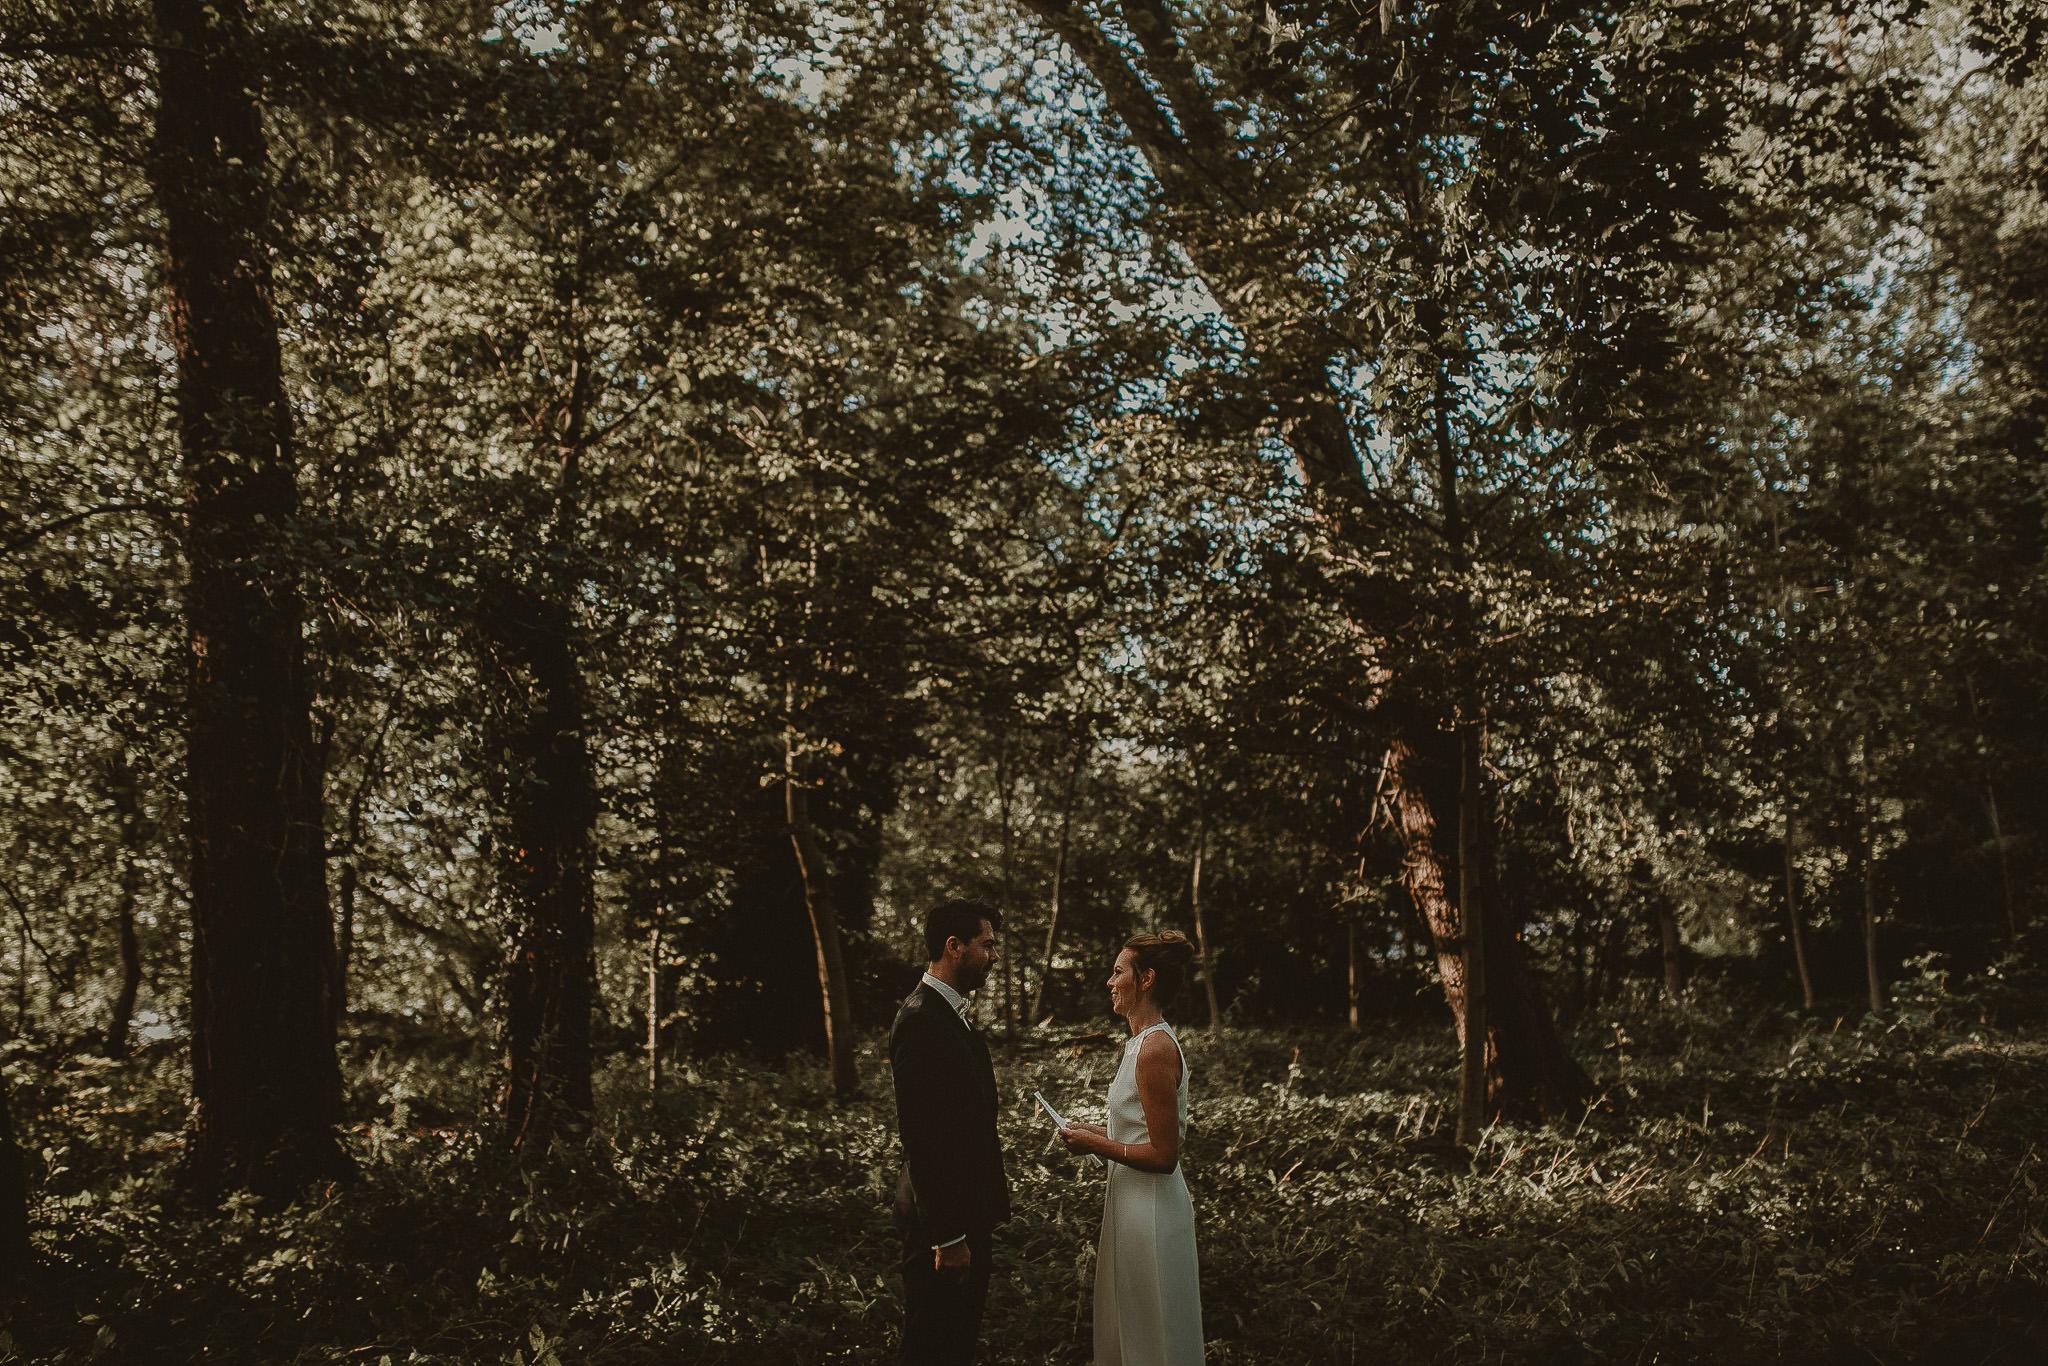 Forest Wedding in Berlin, Brandenburg